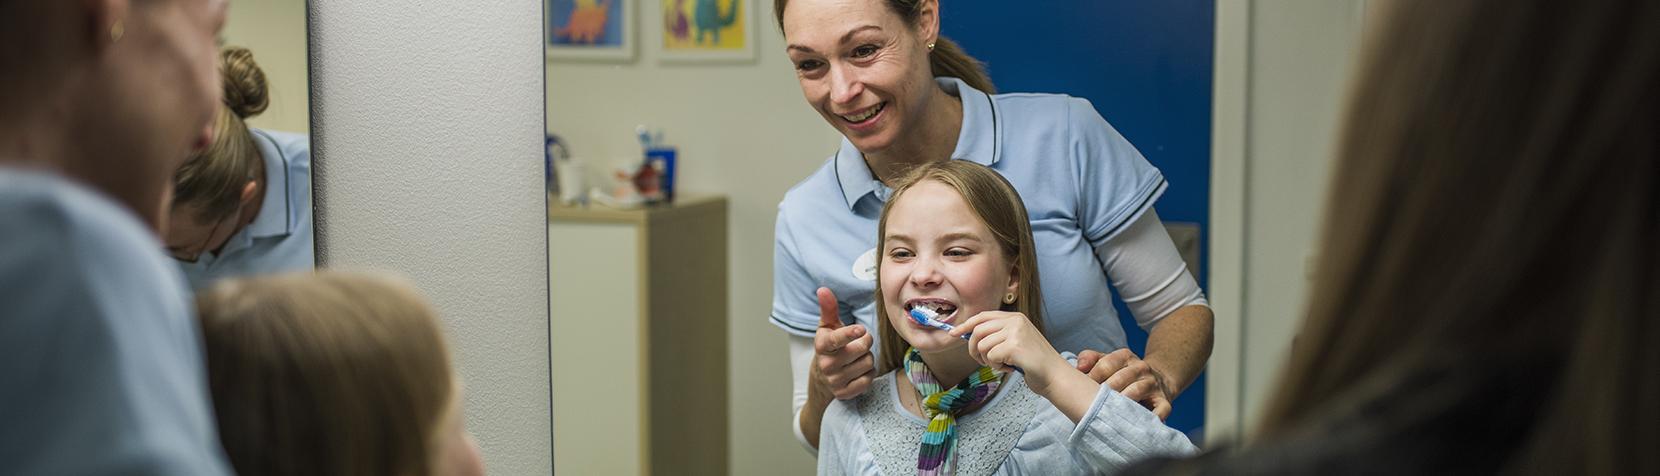 Tandlægen instruerer i korrekt tandbørstning